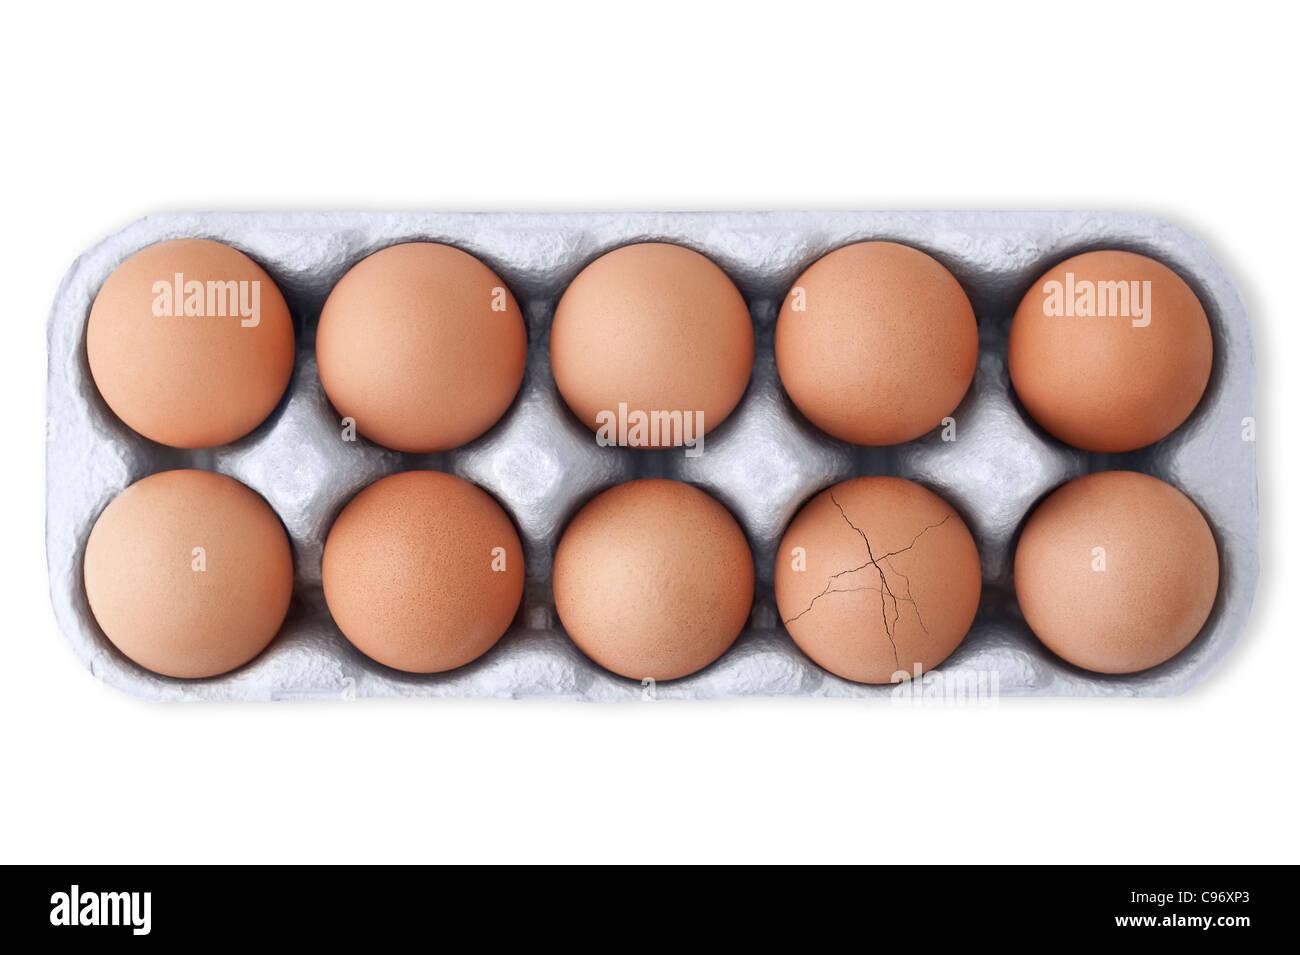 Caja de 10 huevos con un huevo agrietado sobre fondo blanco. Recorte Imagen De Stock